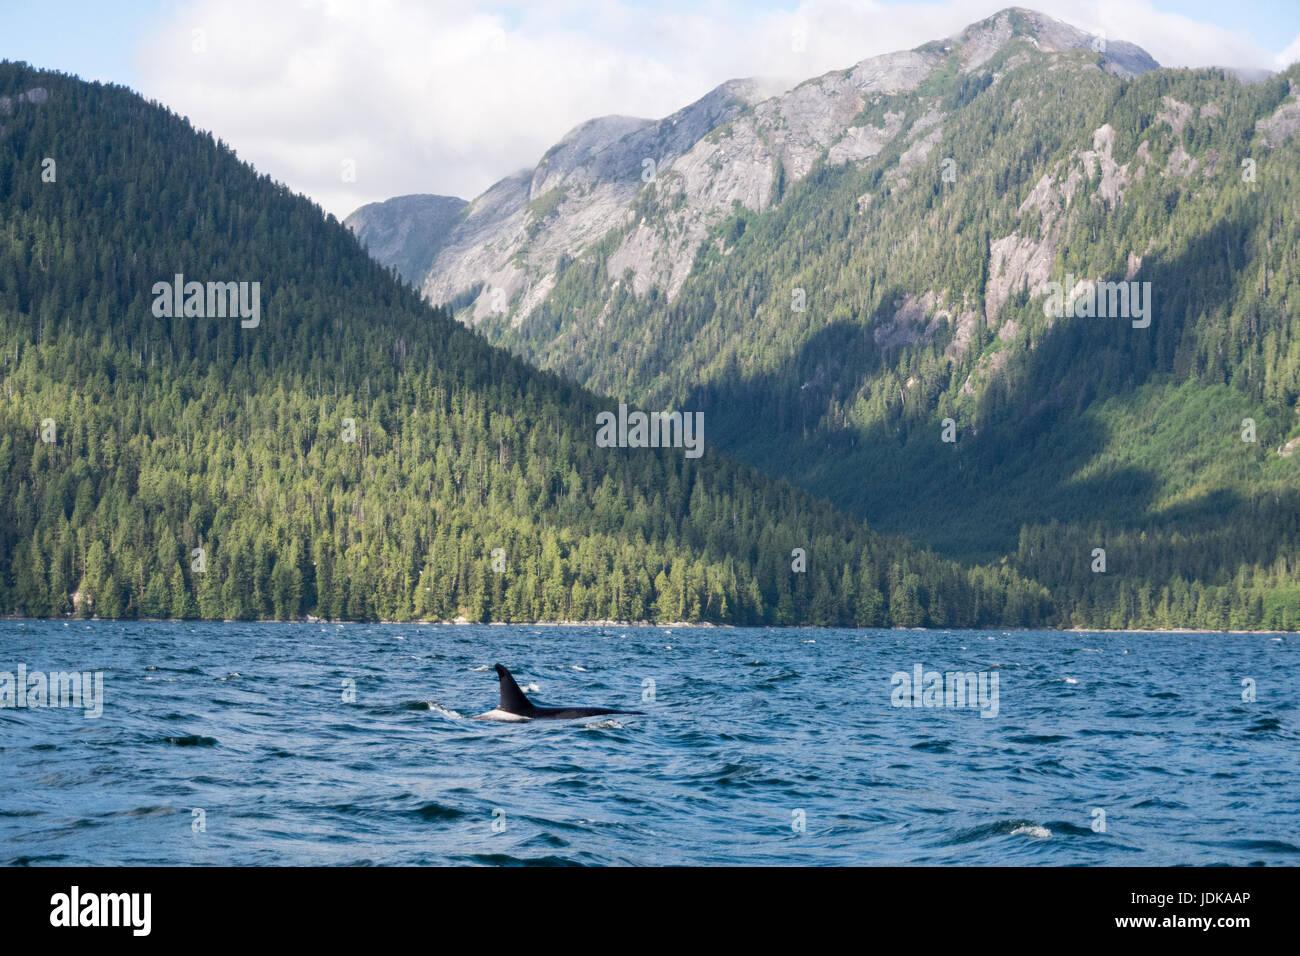 Un solitario resident Orca nadando en la distancia en el canal de ballenas, en The Great Bear Rainforest región de British Columbia, Canadá. Foto de stock